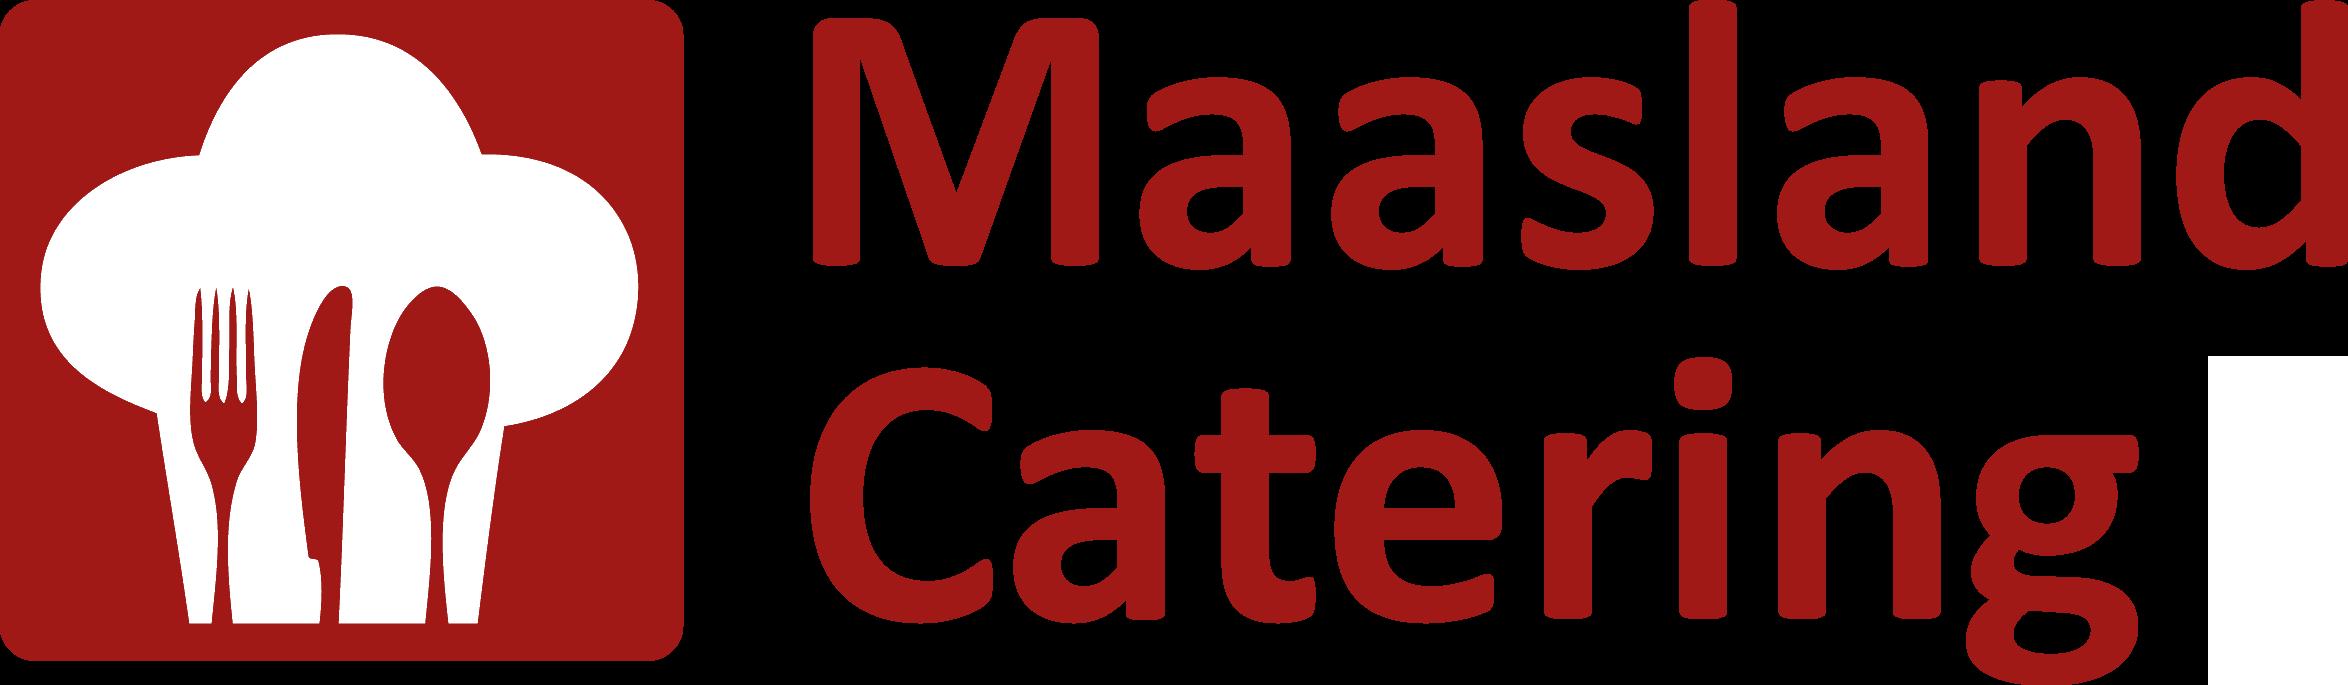 Maaslandcatering